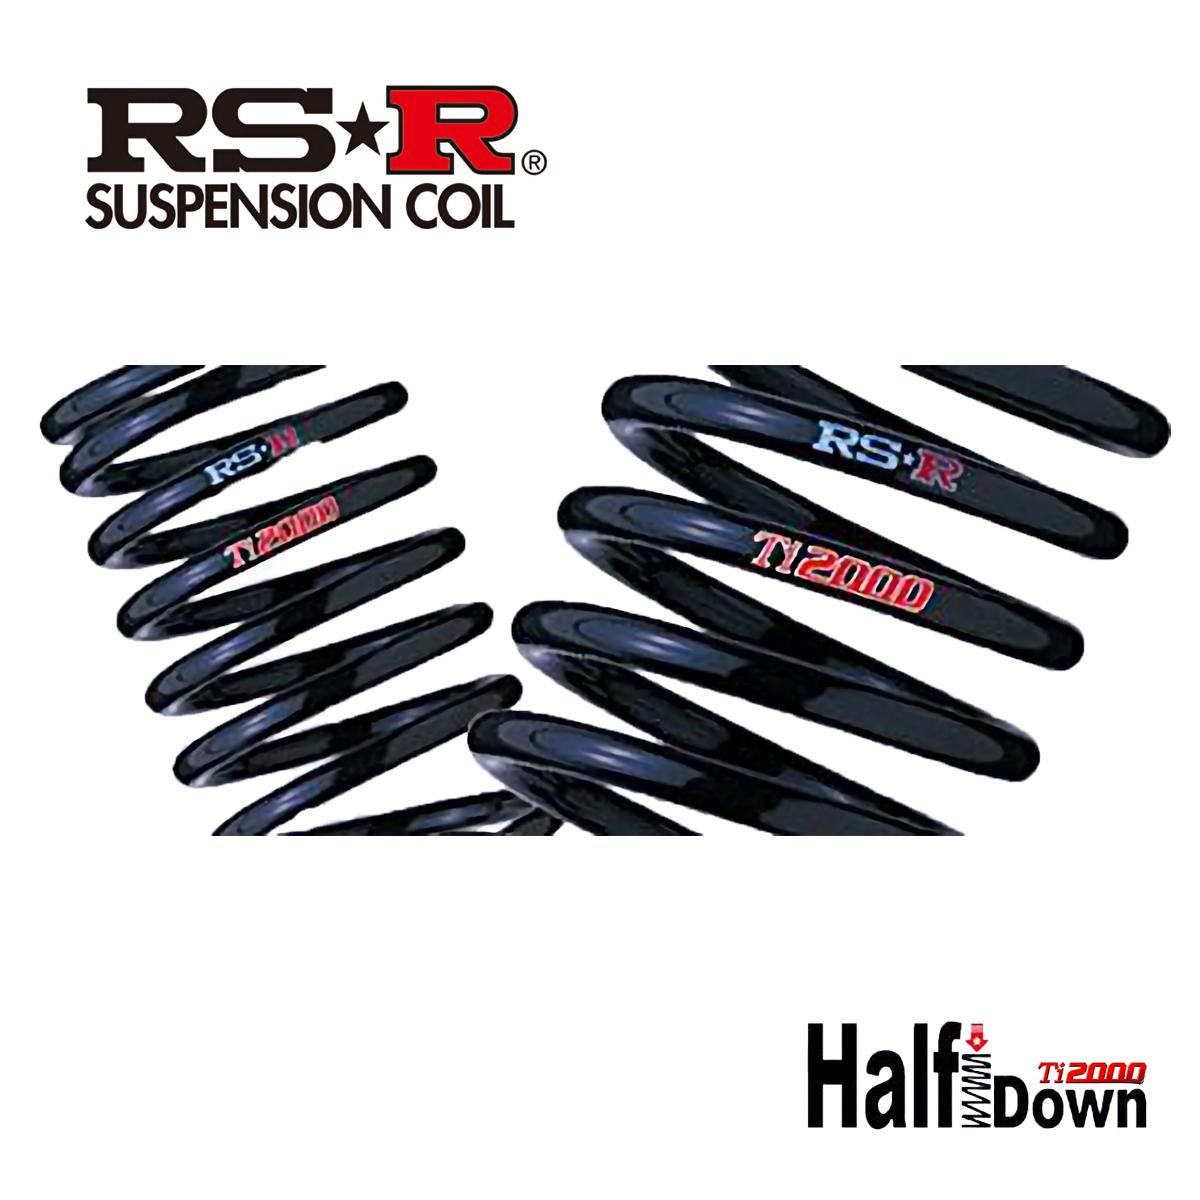 RS-R ステップワゴンスパーダ スパーダハイブリッドG EXホンダセンシング RP5 ダウンサス スプリング フロント H782THDF Ti2000 ハーフダウン RSR 個人宅発送追金有